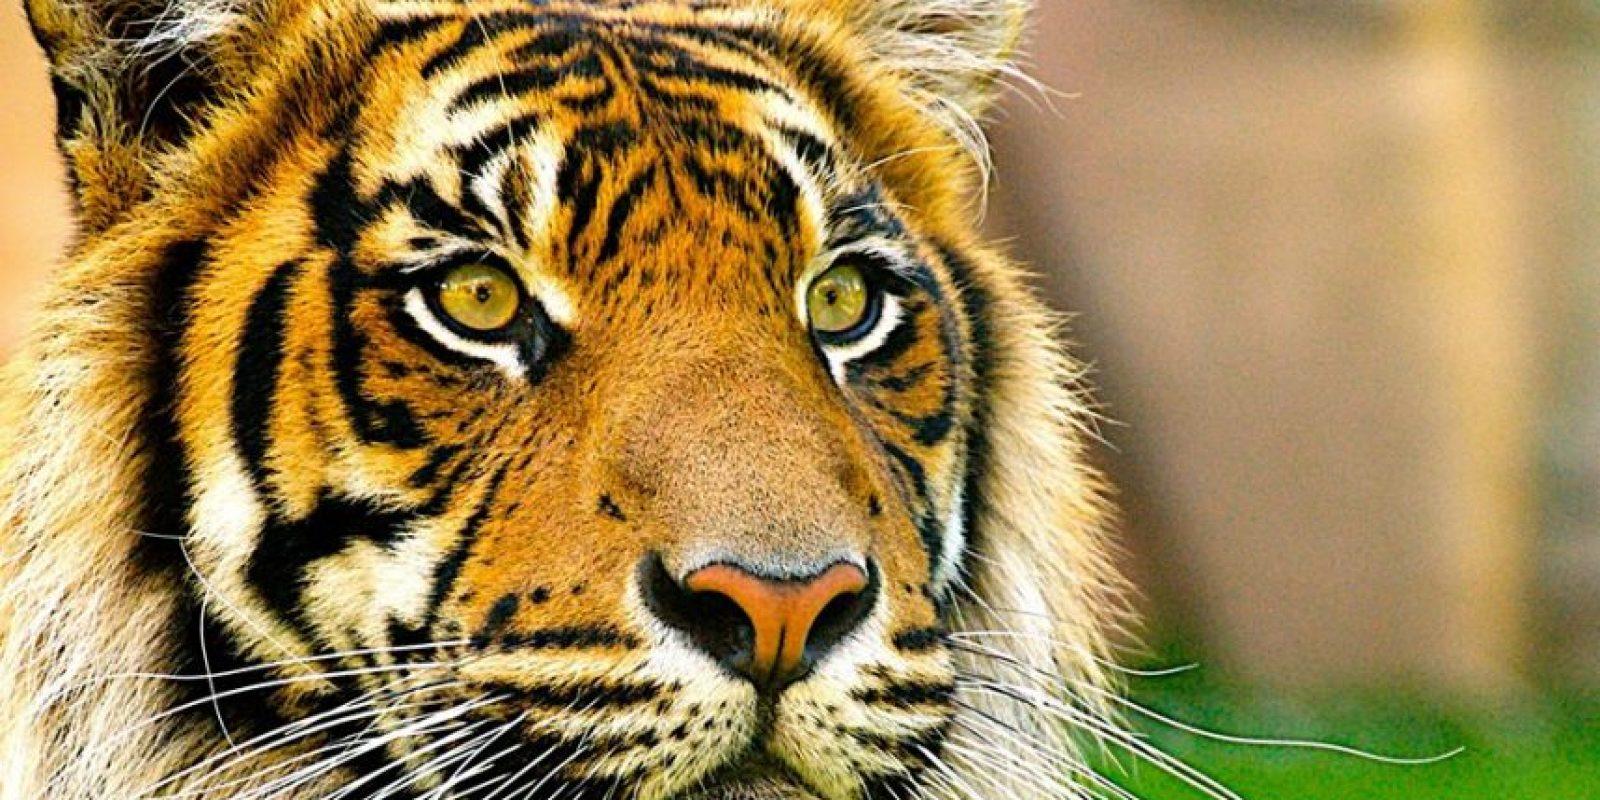 ¿Por qué una selfie podría arruinar la vida de un animal salvaje como un tigre? Foto:Facebook/World Animal Protection